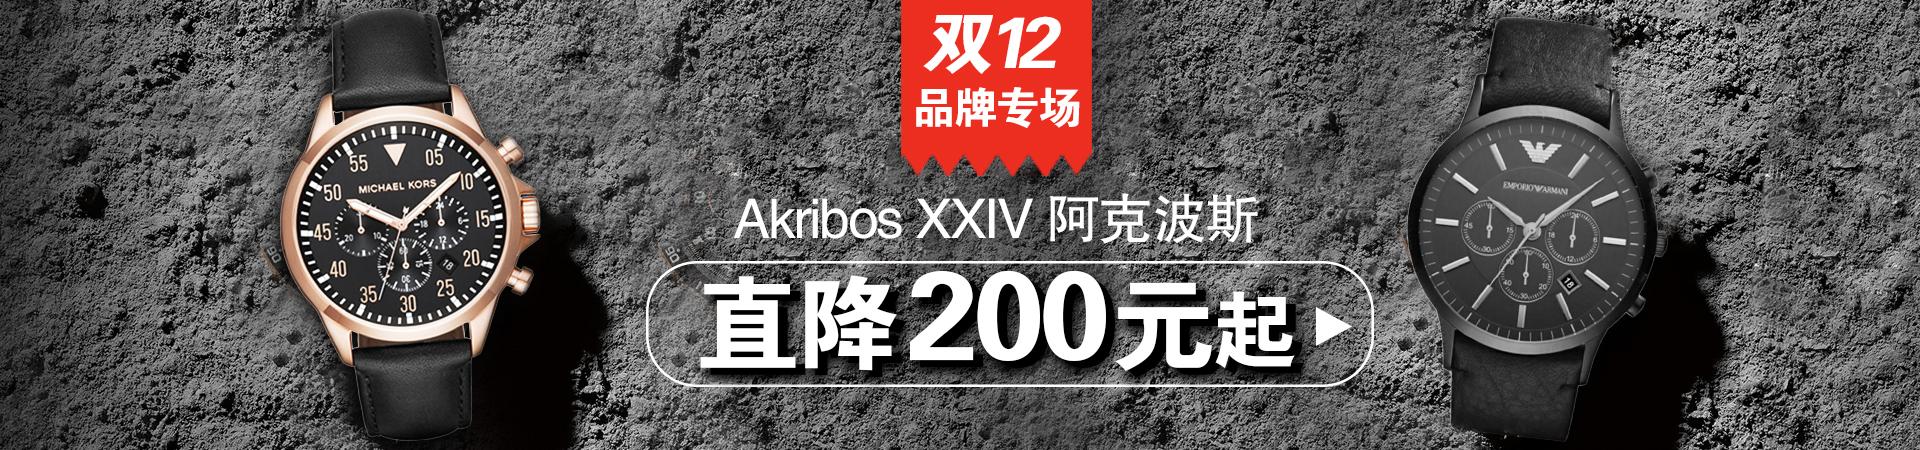 双12品牌专场 阿克波斯腕表直降200元起